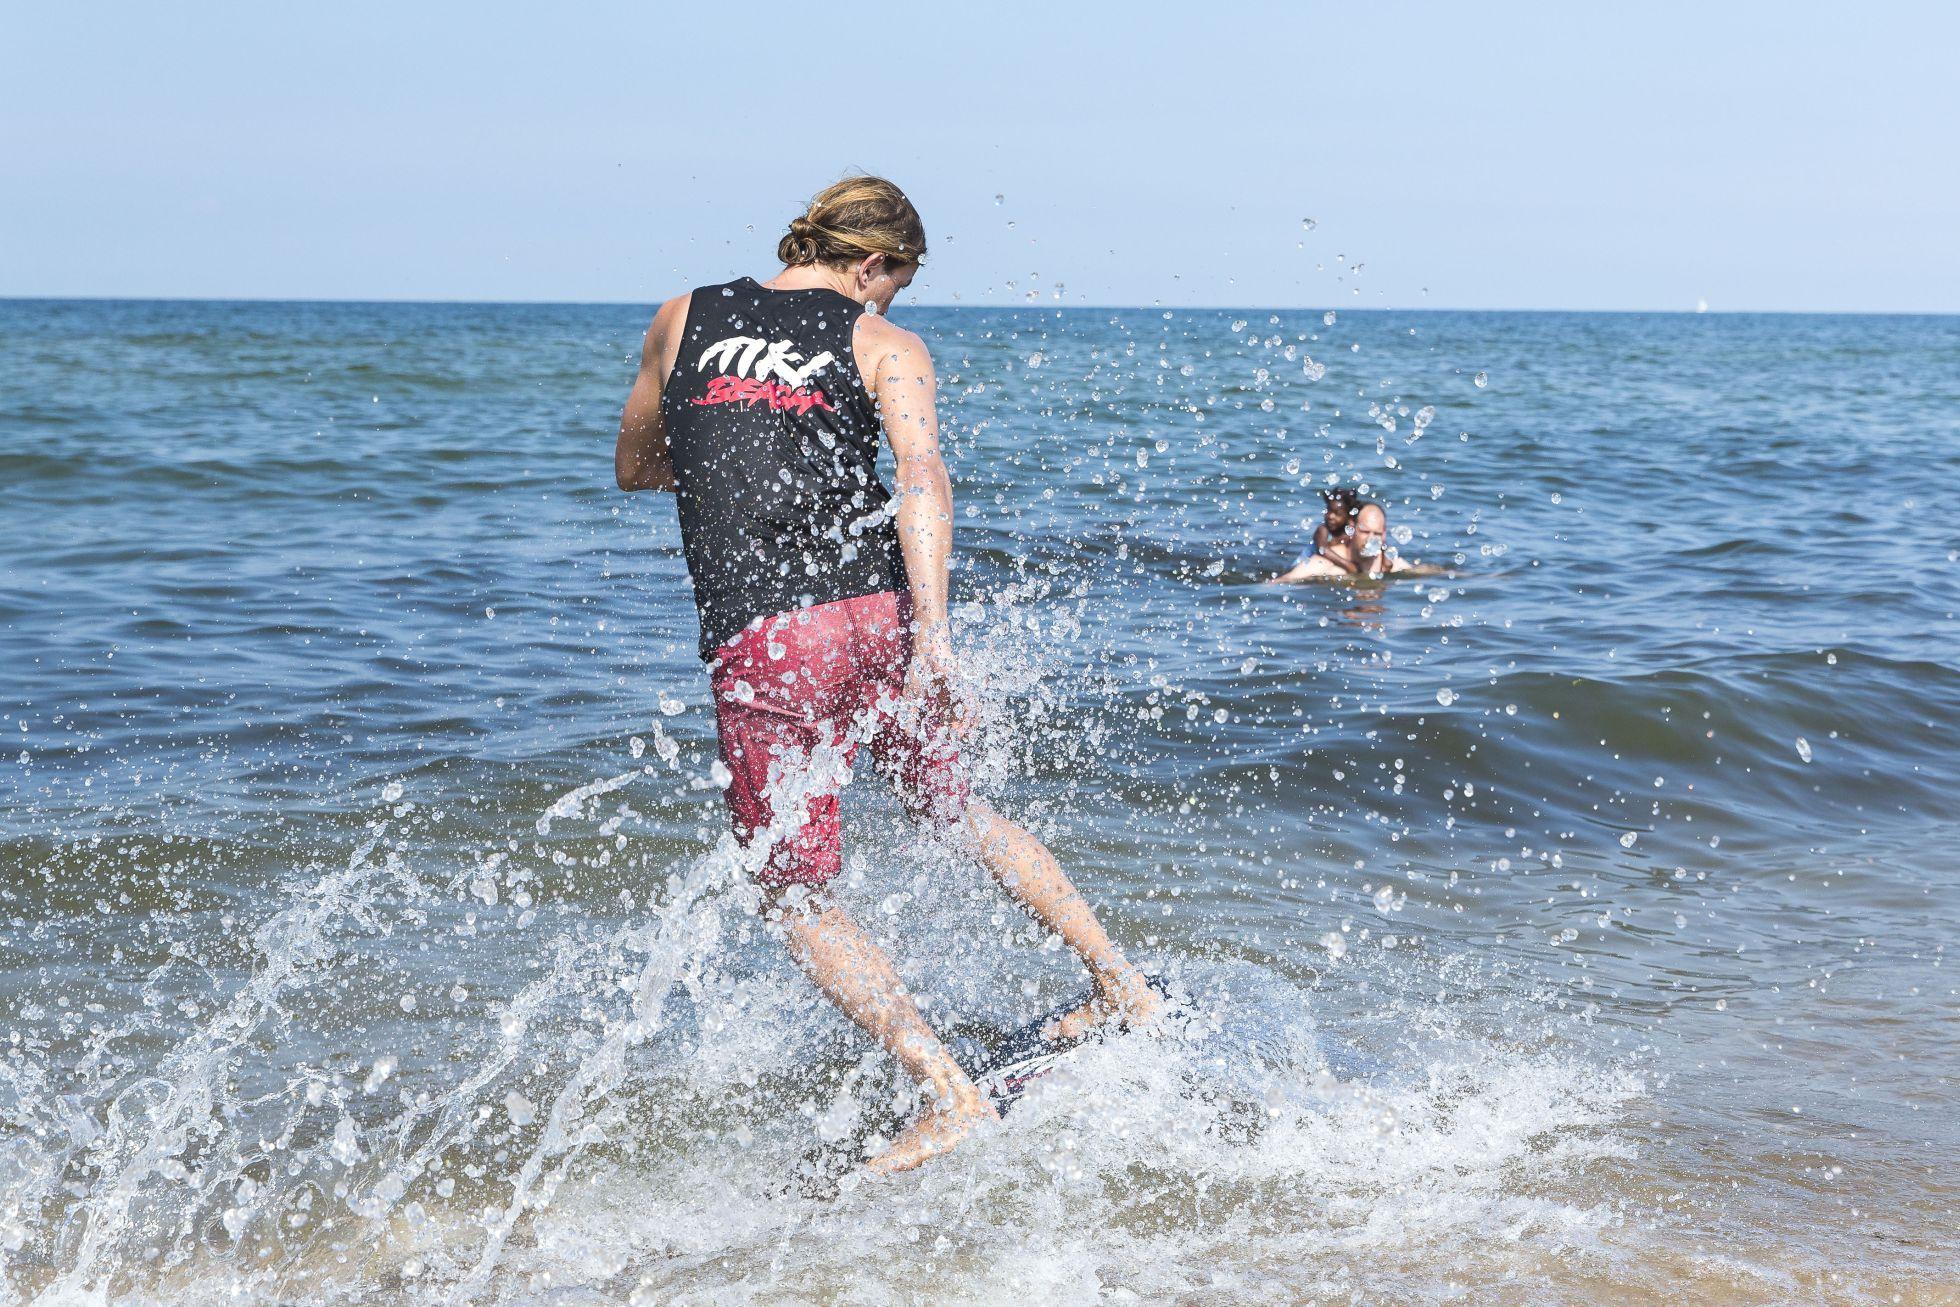 Wassersport -